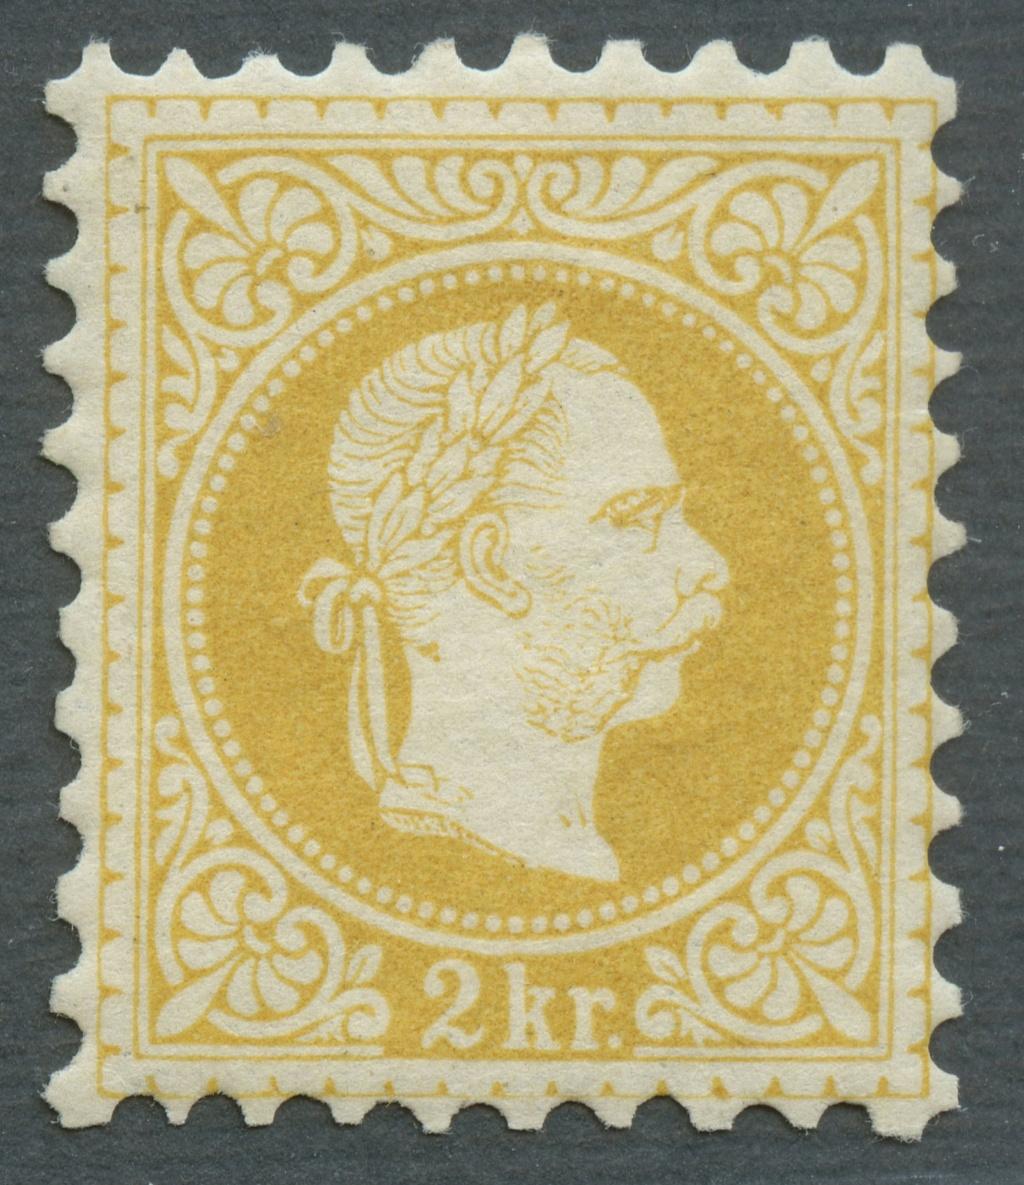 Nachtrag - Freimarken-Ausgabe 1867 : Kopfbildnis Kaiser Franz Joseph I - Seite 22 Ank_3510